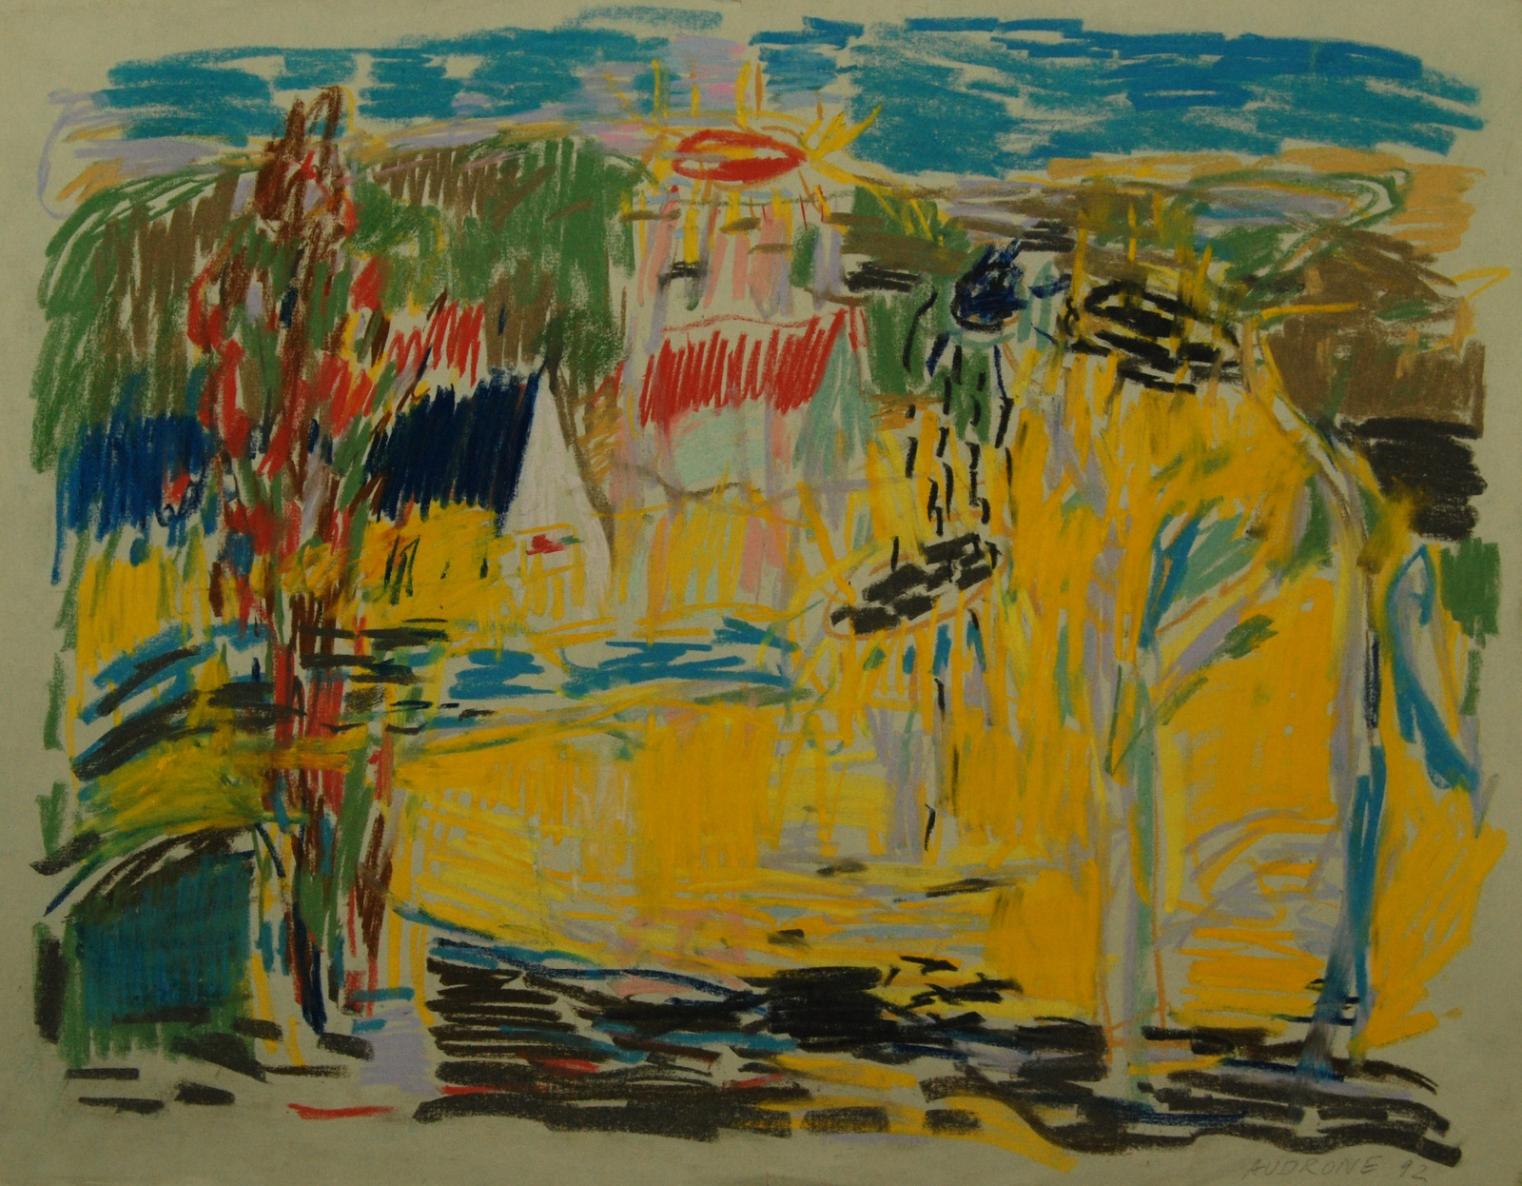 Be pavadinimo, 1992, popierius, pastelė, 49x62cm